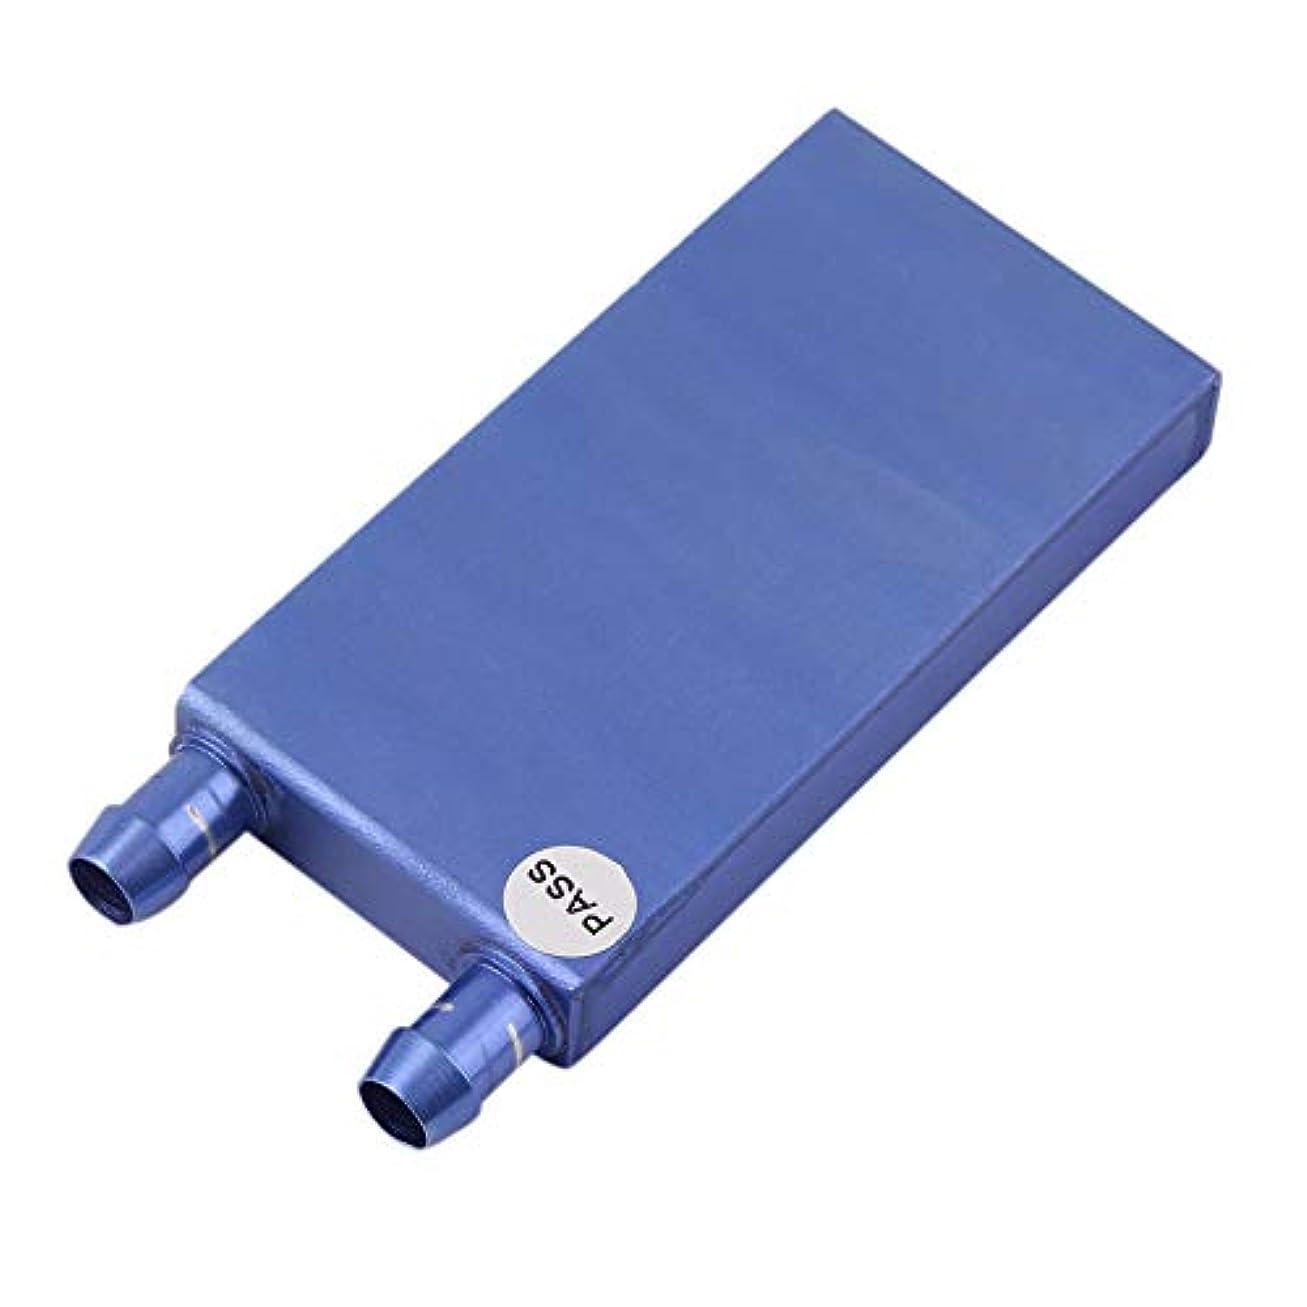 ベスビオ山勝者ラケット40 * 80 * 12ミリメートルアルミ水冷ヒートシンクブロック液体クーラー用コンピュータCPU GPU産業用制御キャビネットアクセサリー - ブルー